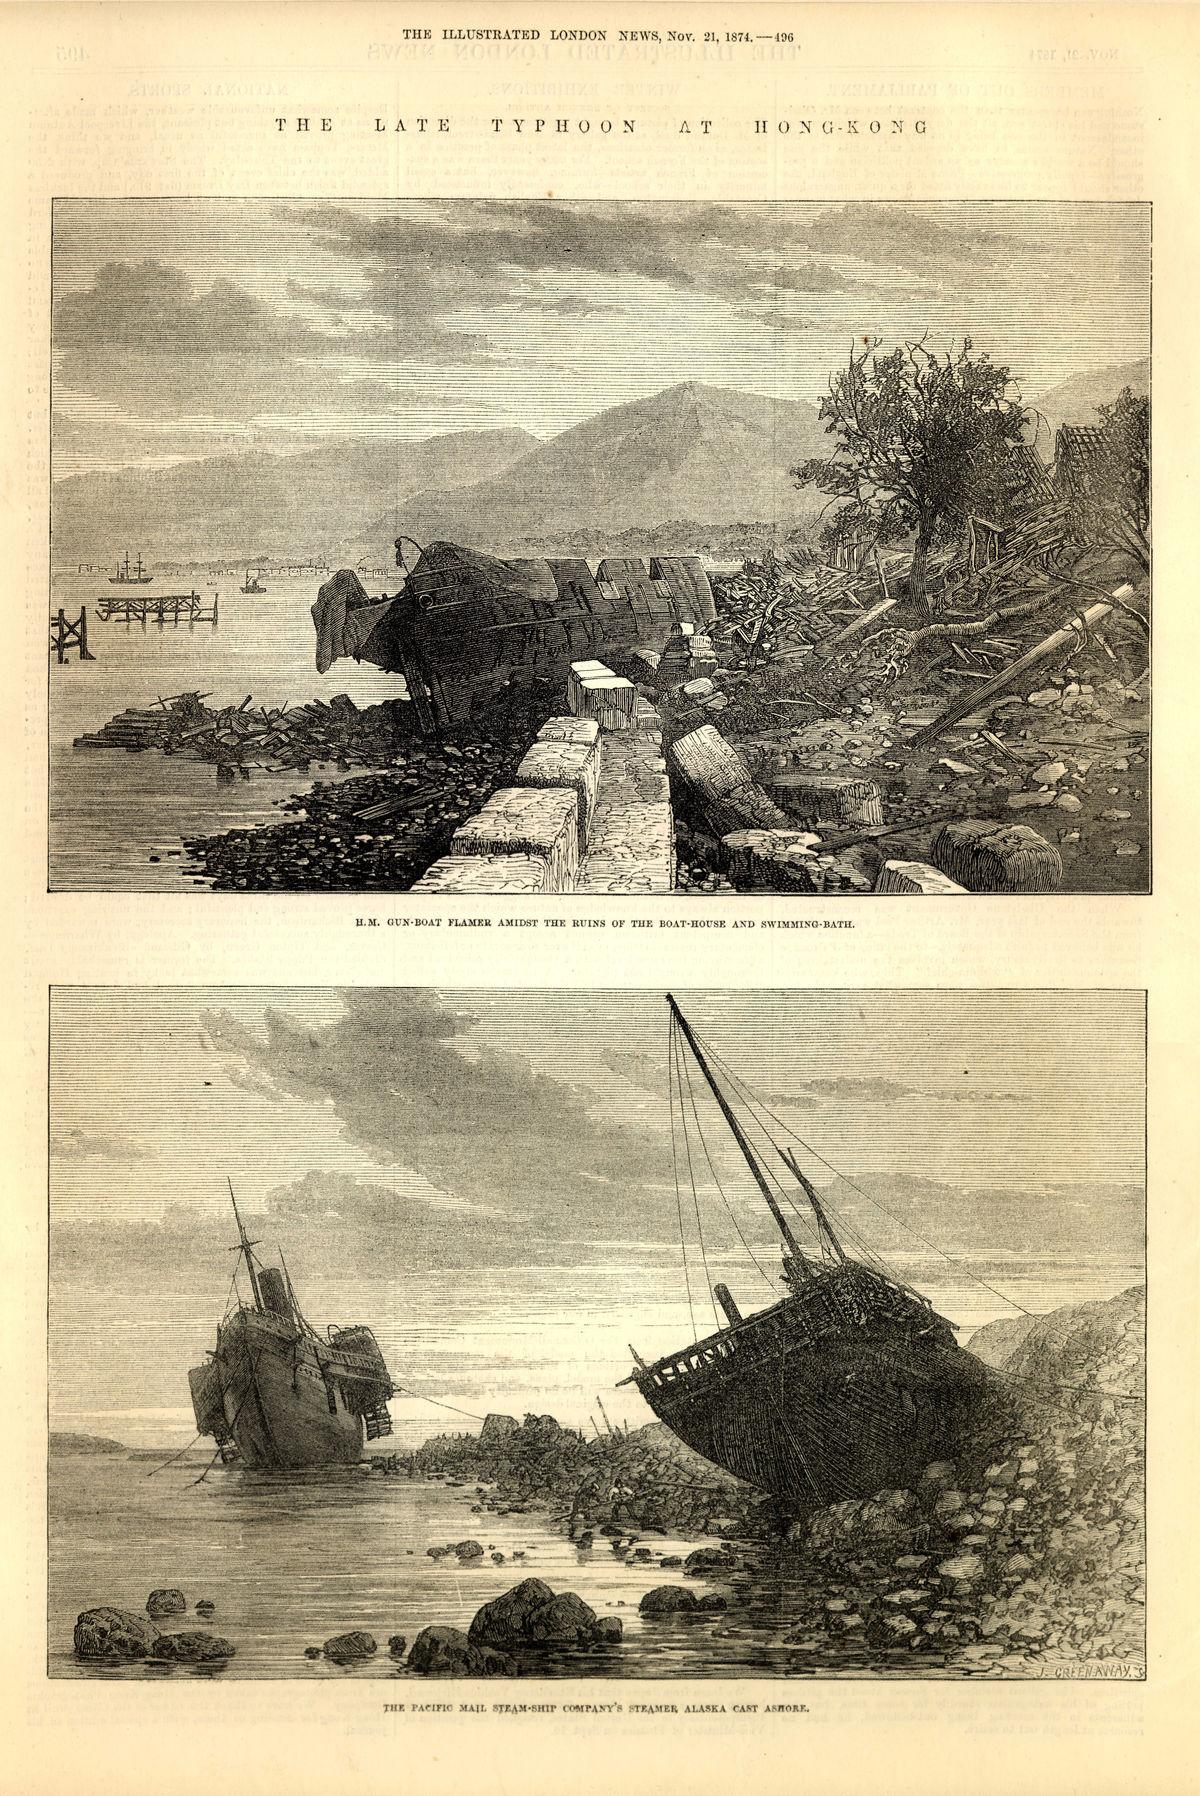 1874_typhoon.1200.jpg